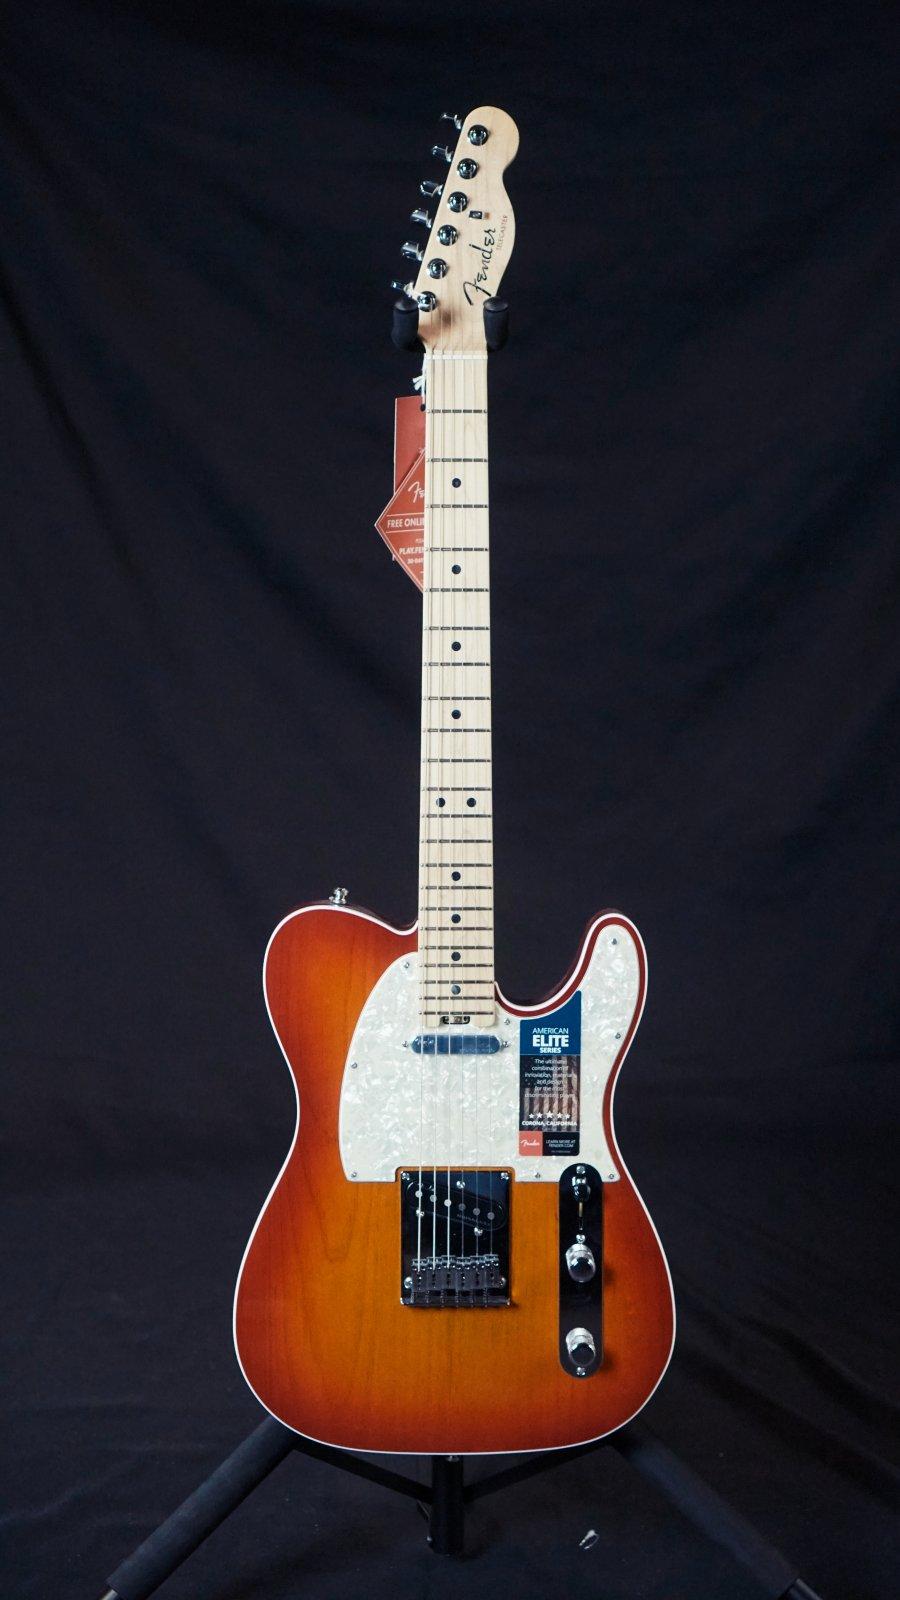 Fender American Elite Telecaster Aged Cherry Maple